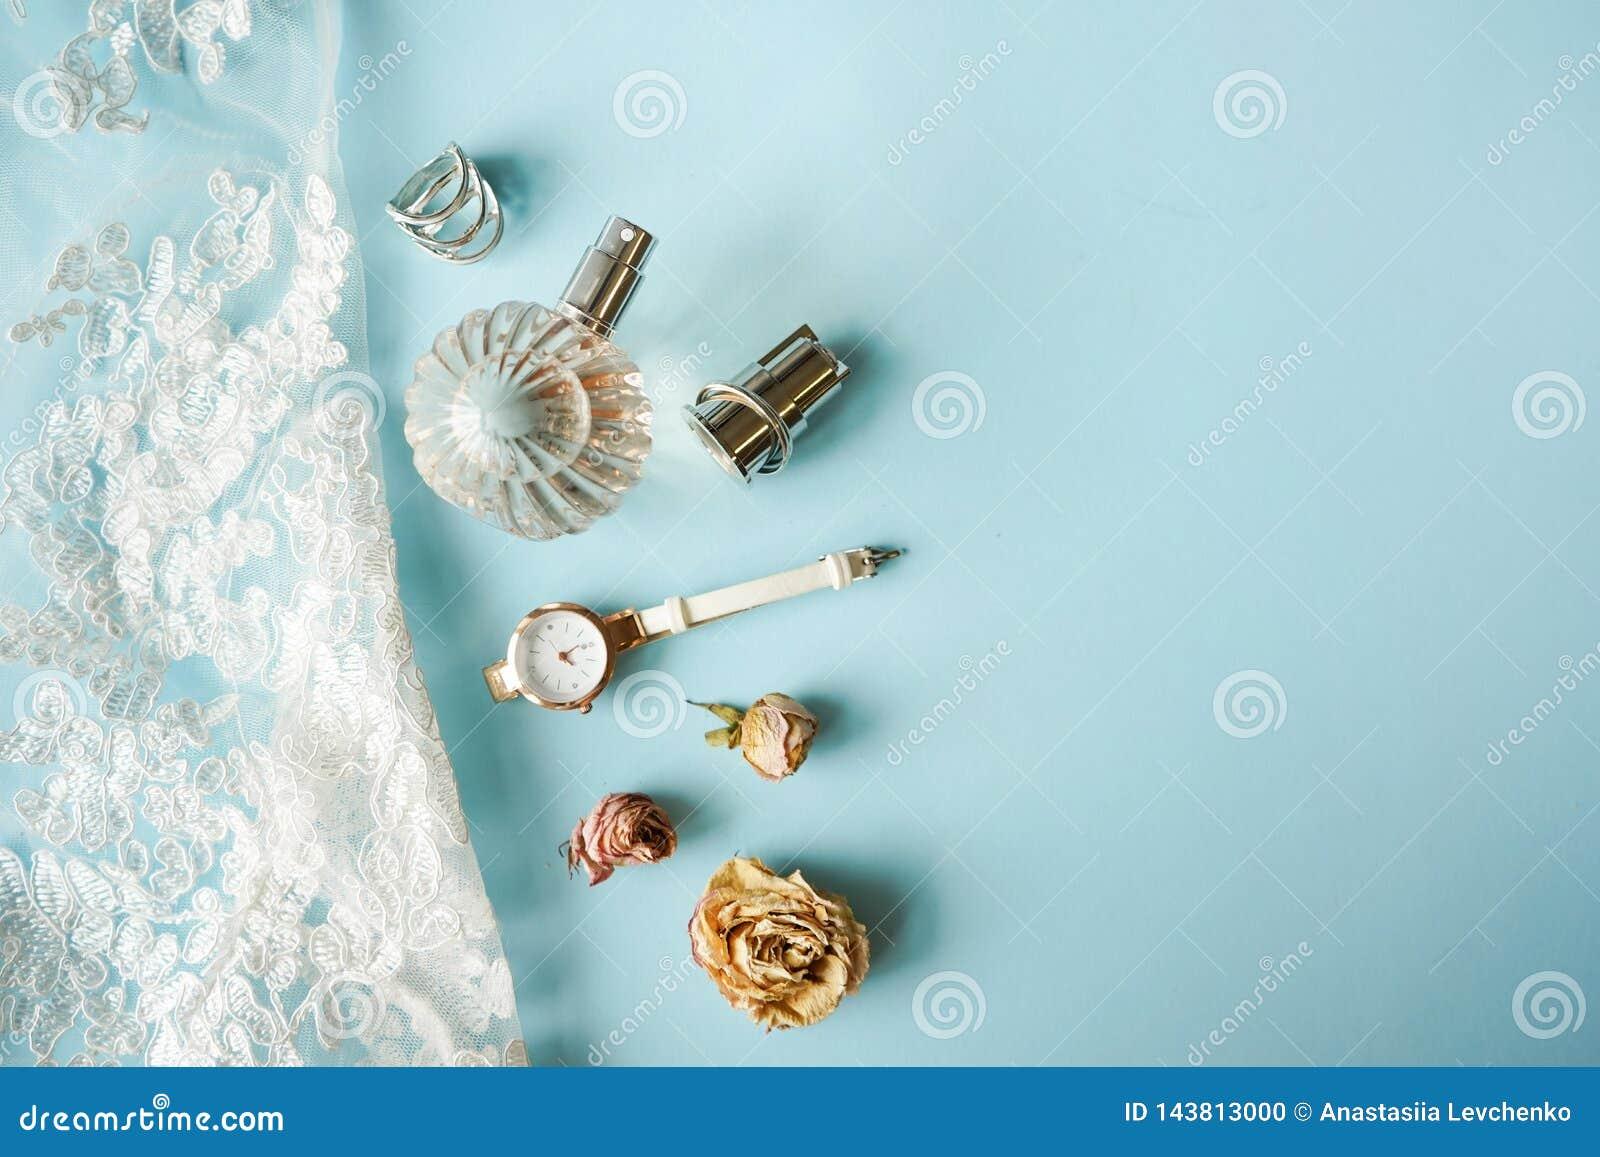 Άσπρο lingerie δαντελλών τοπ άποψης Το σύνολο ρολογιού, αρώματος, δαχτυλιδιού, τριαντάφυλλων και εσώρουχου γυναικών ουσιαστικού β